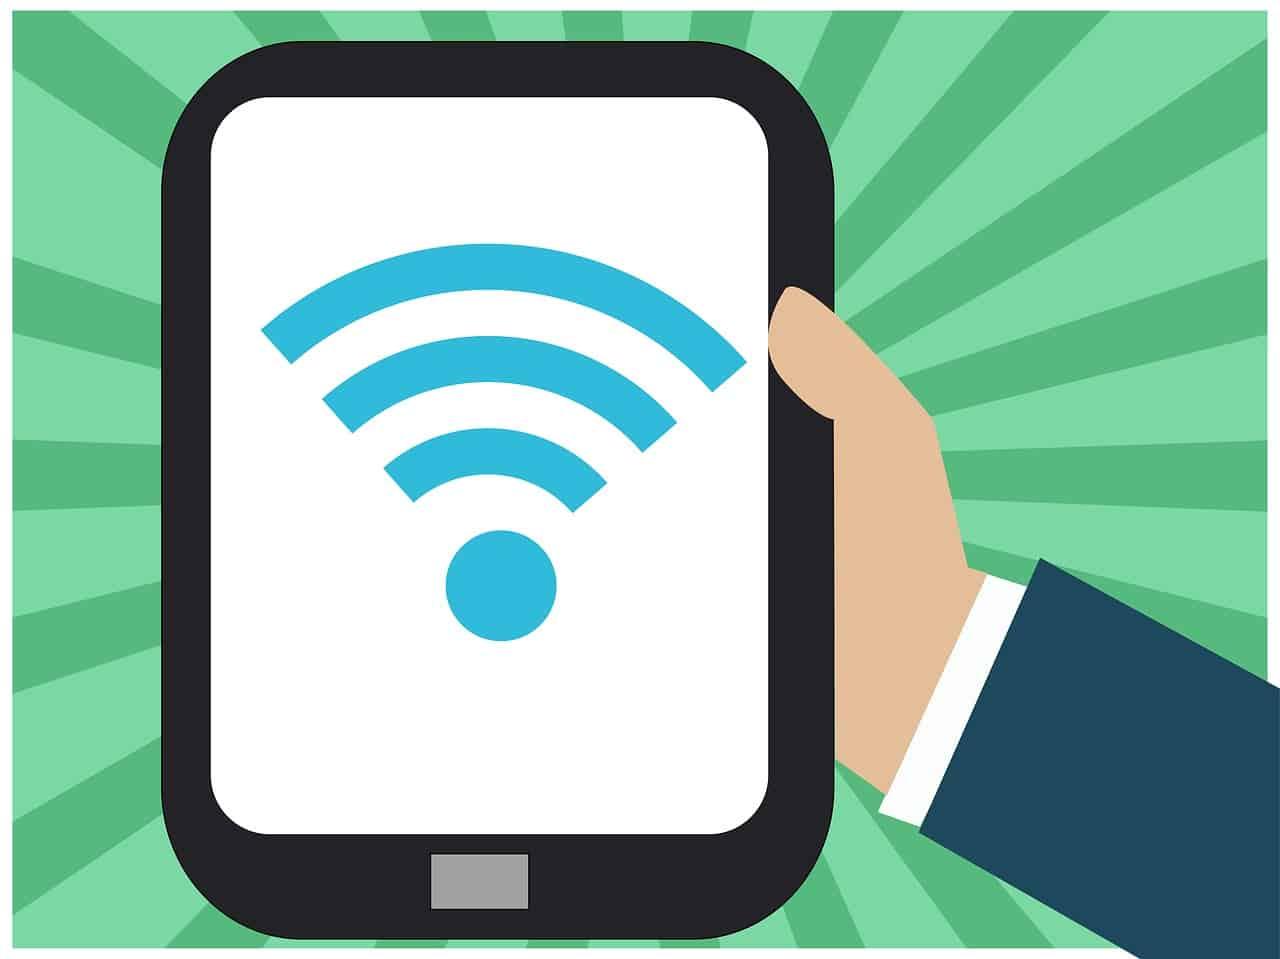 Aeroportos brasileiros vão ganhar conexões Wi-Fi da Boingo Wireless até 2020